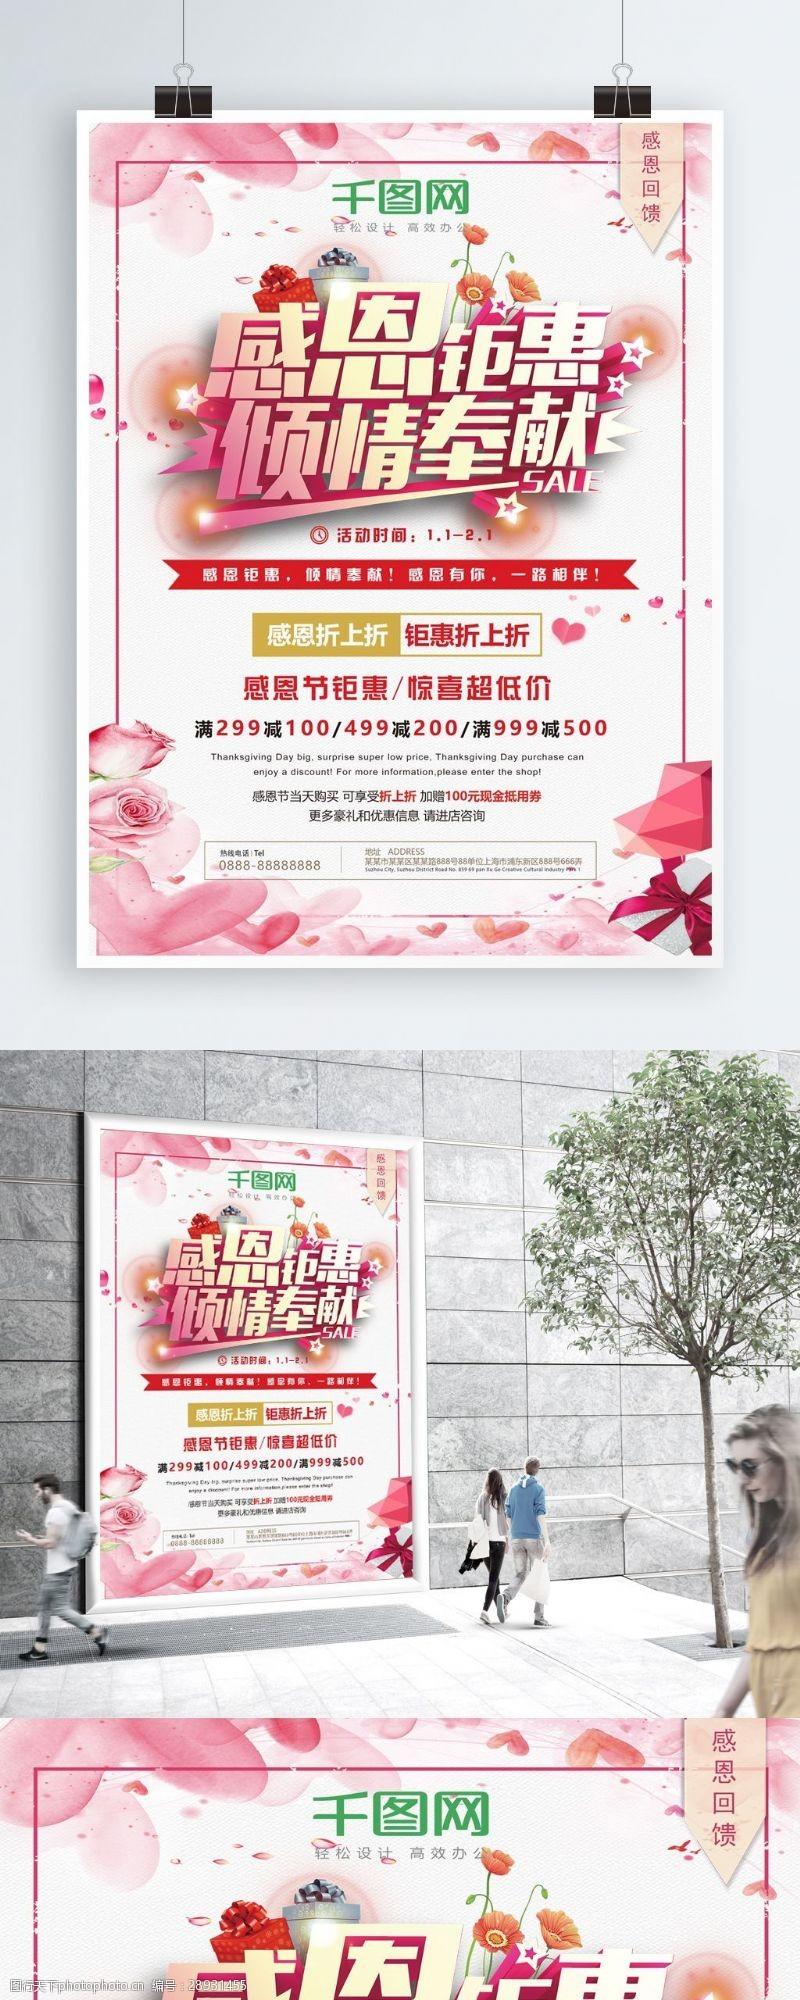 倾情奉献感恩节节日促销宣传海报